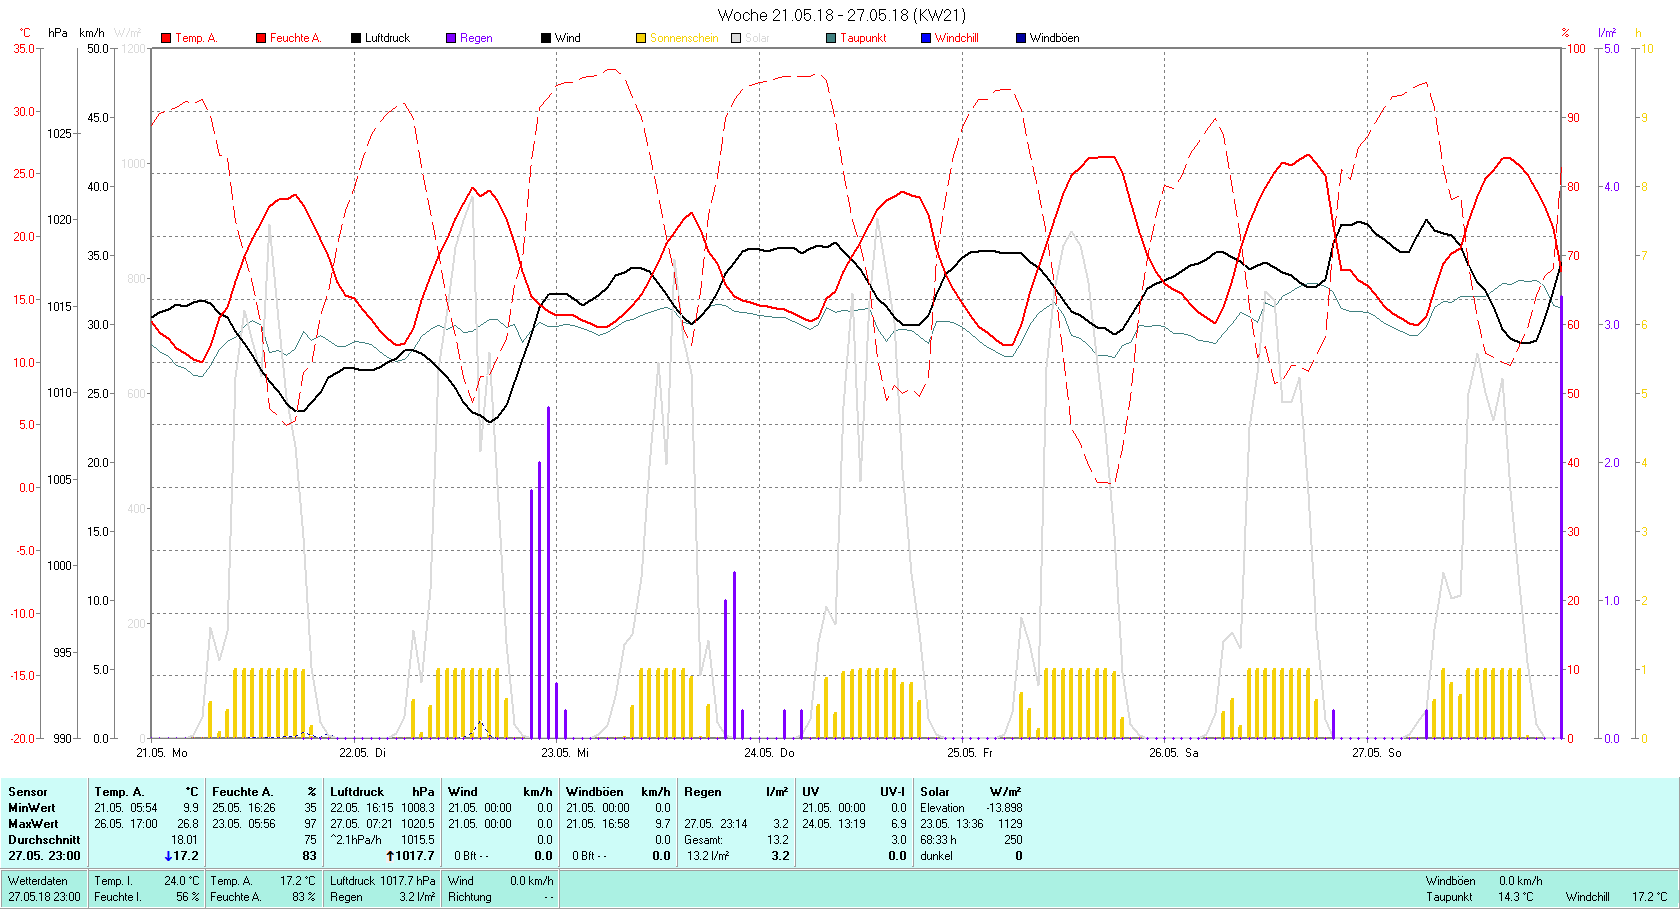 KW 21 Tmin 9.9°C, Tmax 26.8°C, Sonne 68:33 h Niederschlag 13.2 mm2